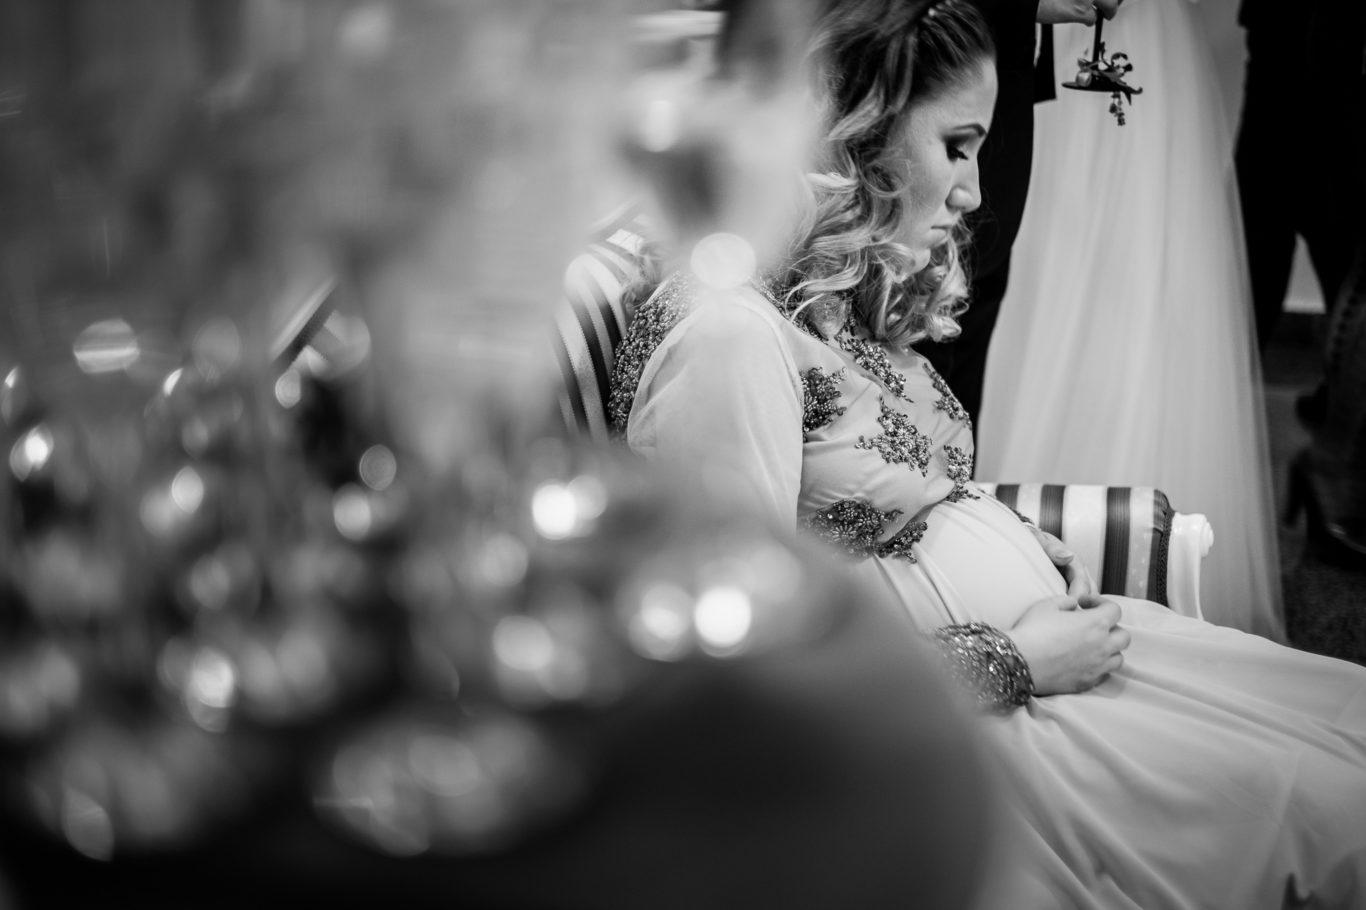 0767-Fotografie-nunta-Mirela-Iulian-fotograf-Ciprian-Dumitrescu-DSCF1141